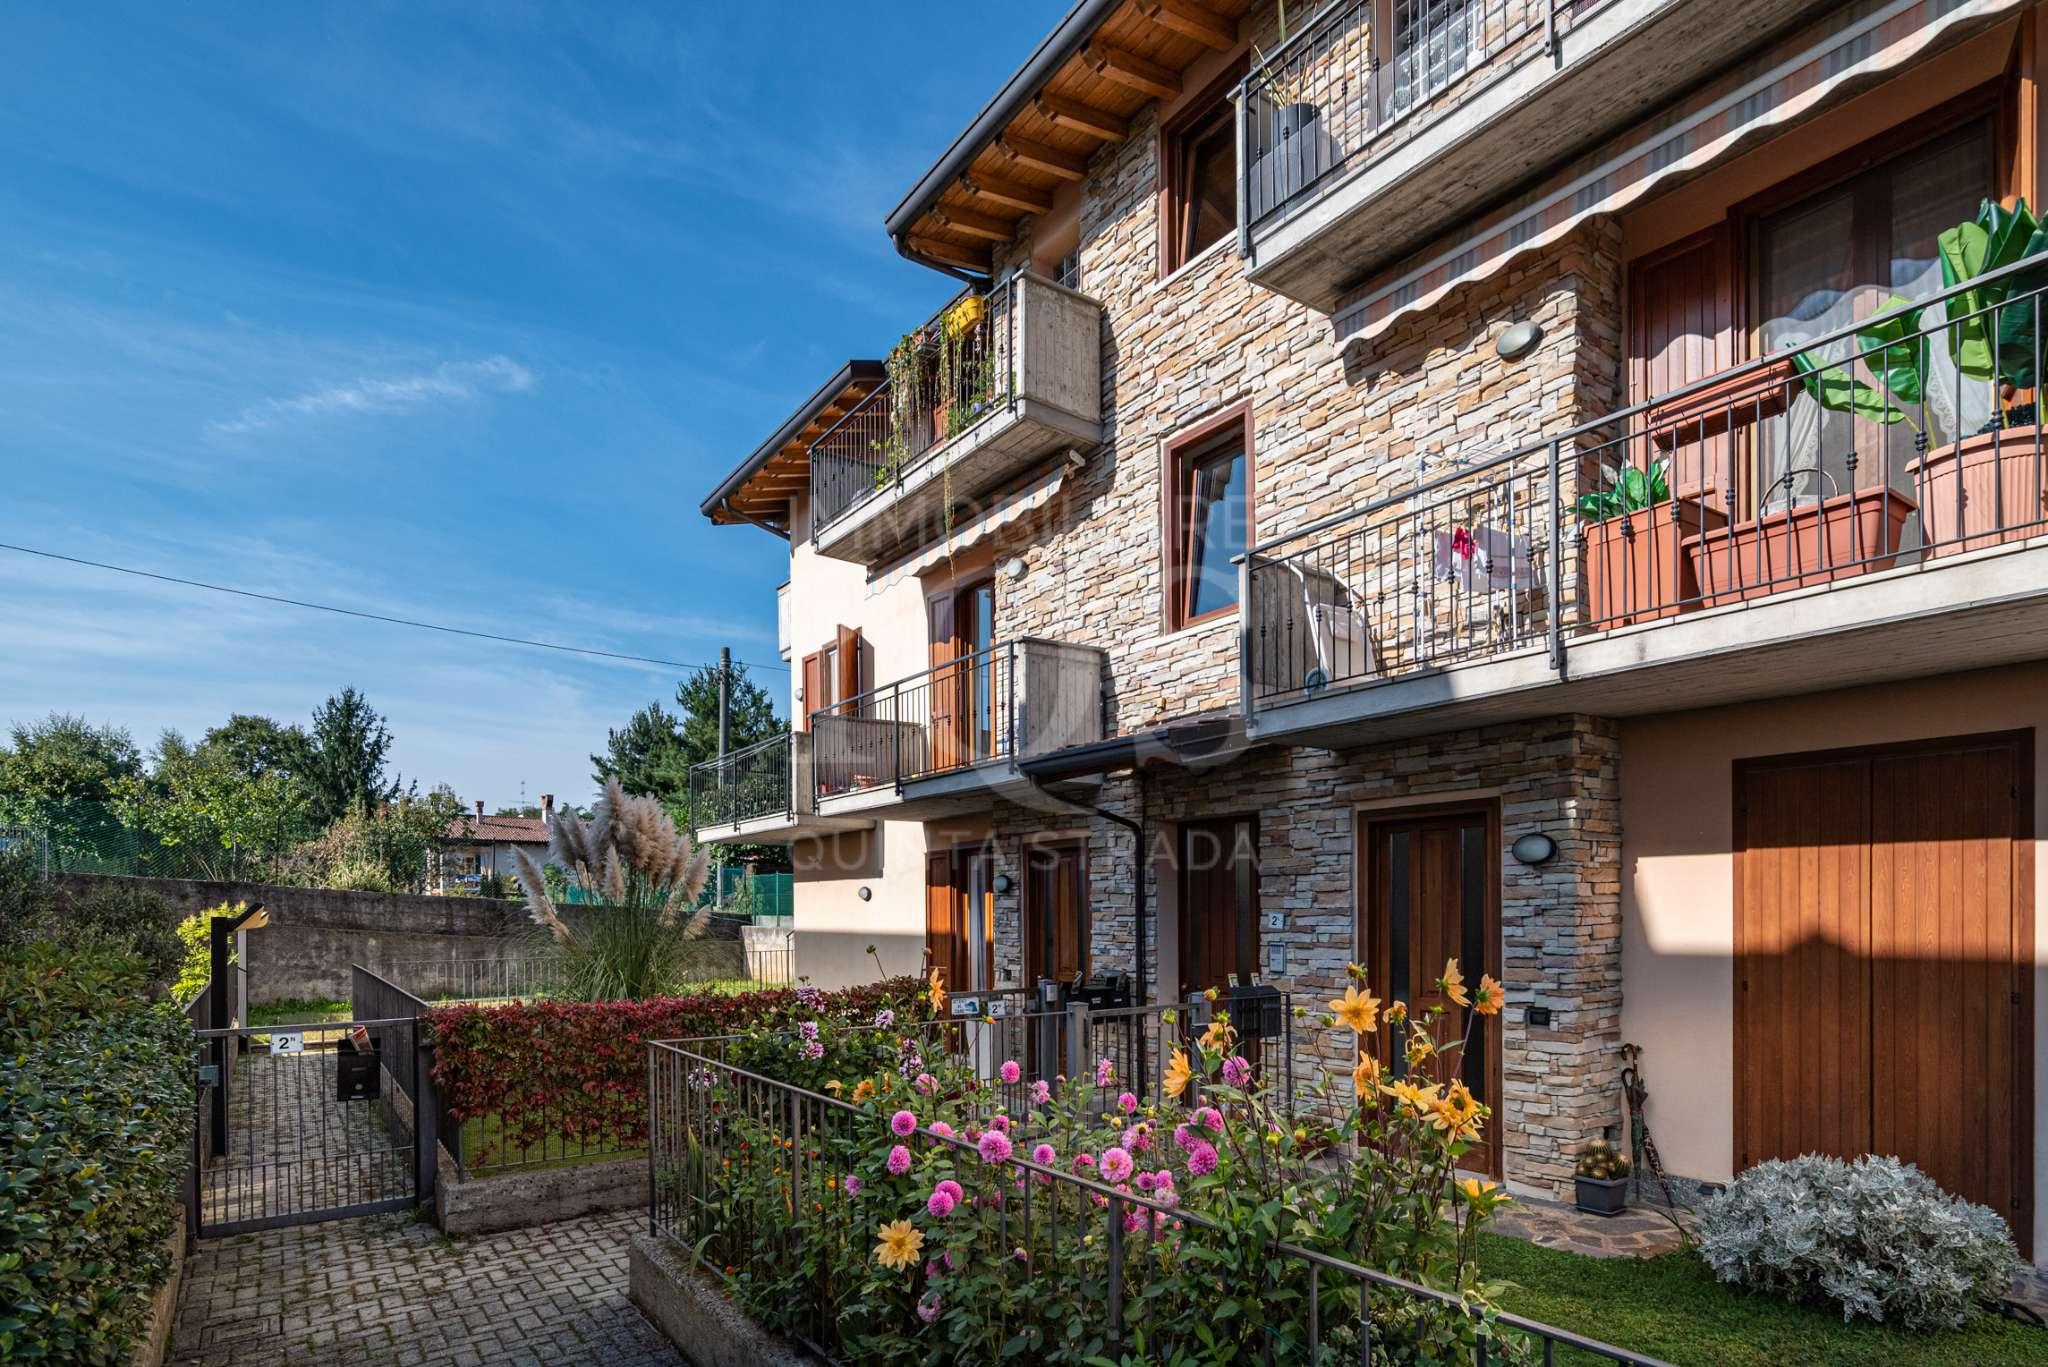 Appartamento in vendita a Castelli Calepio, 2 locali, prezzo € 84.000   PortaleAgenzieImmobiliari.it